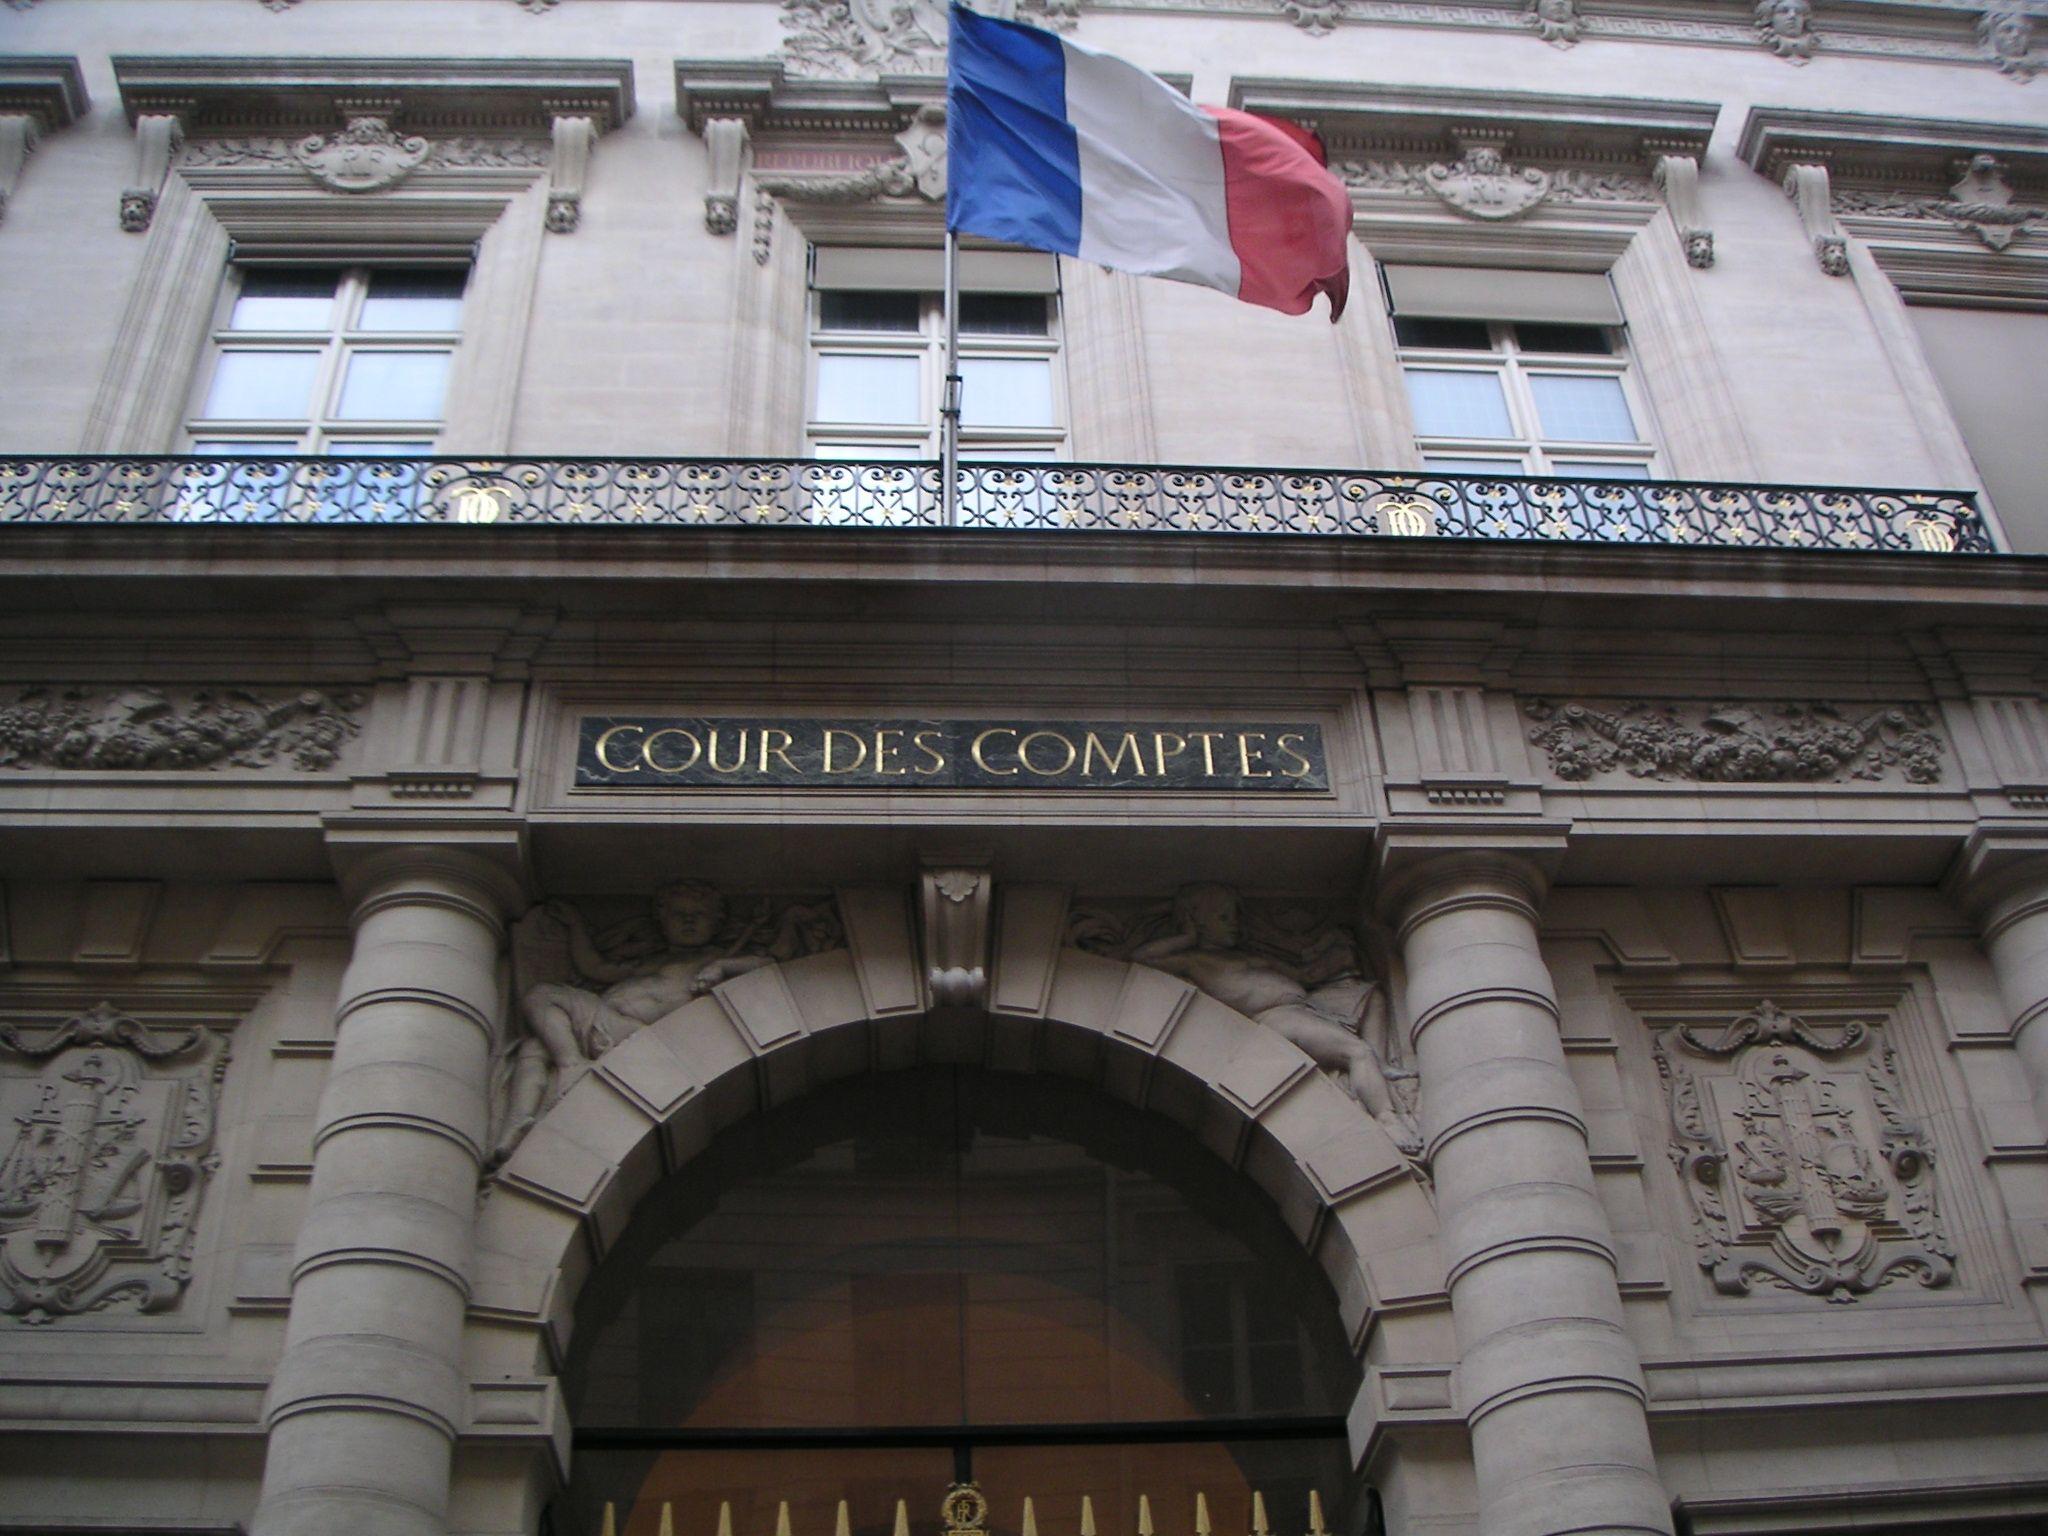 La Cour des comptes épingle sévèrement la taxe Tobin à la française